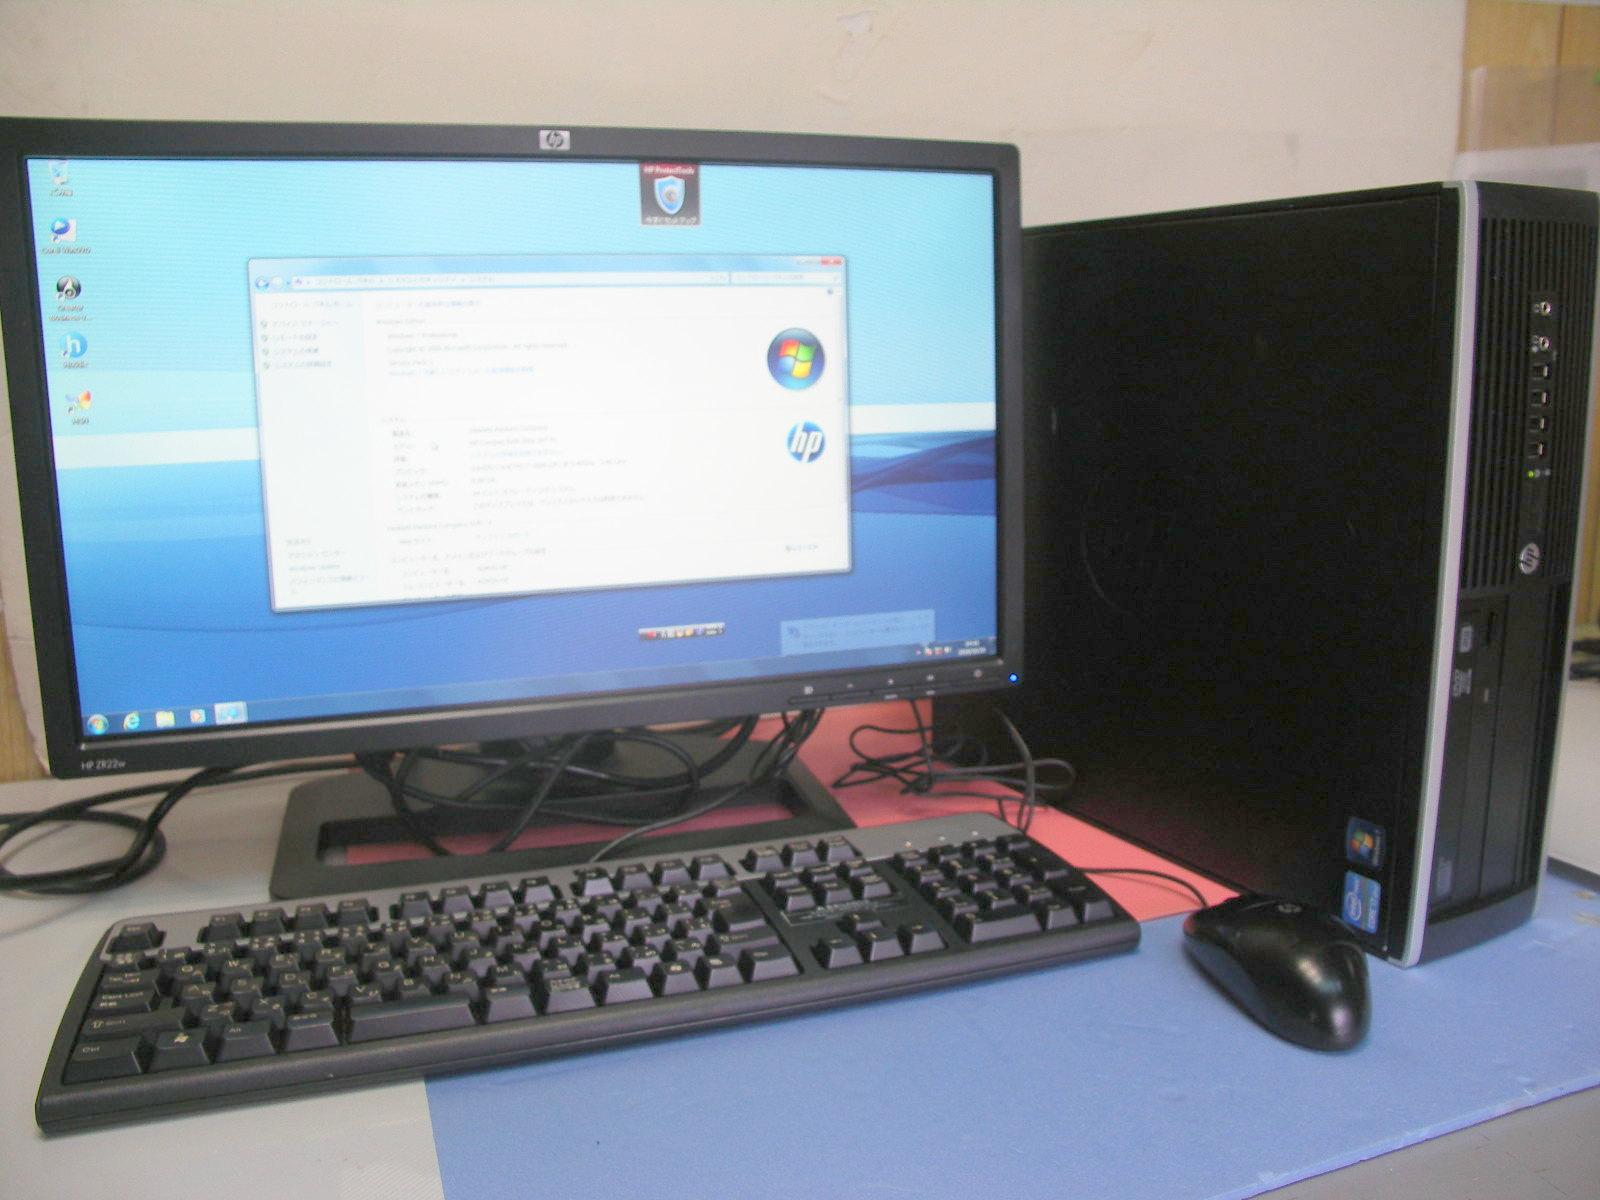 HP 8200 i7 3.2GHz 8GB 250GB  WINDOWS7 22インチセット【中古】【送料無料】【あす楽対応】